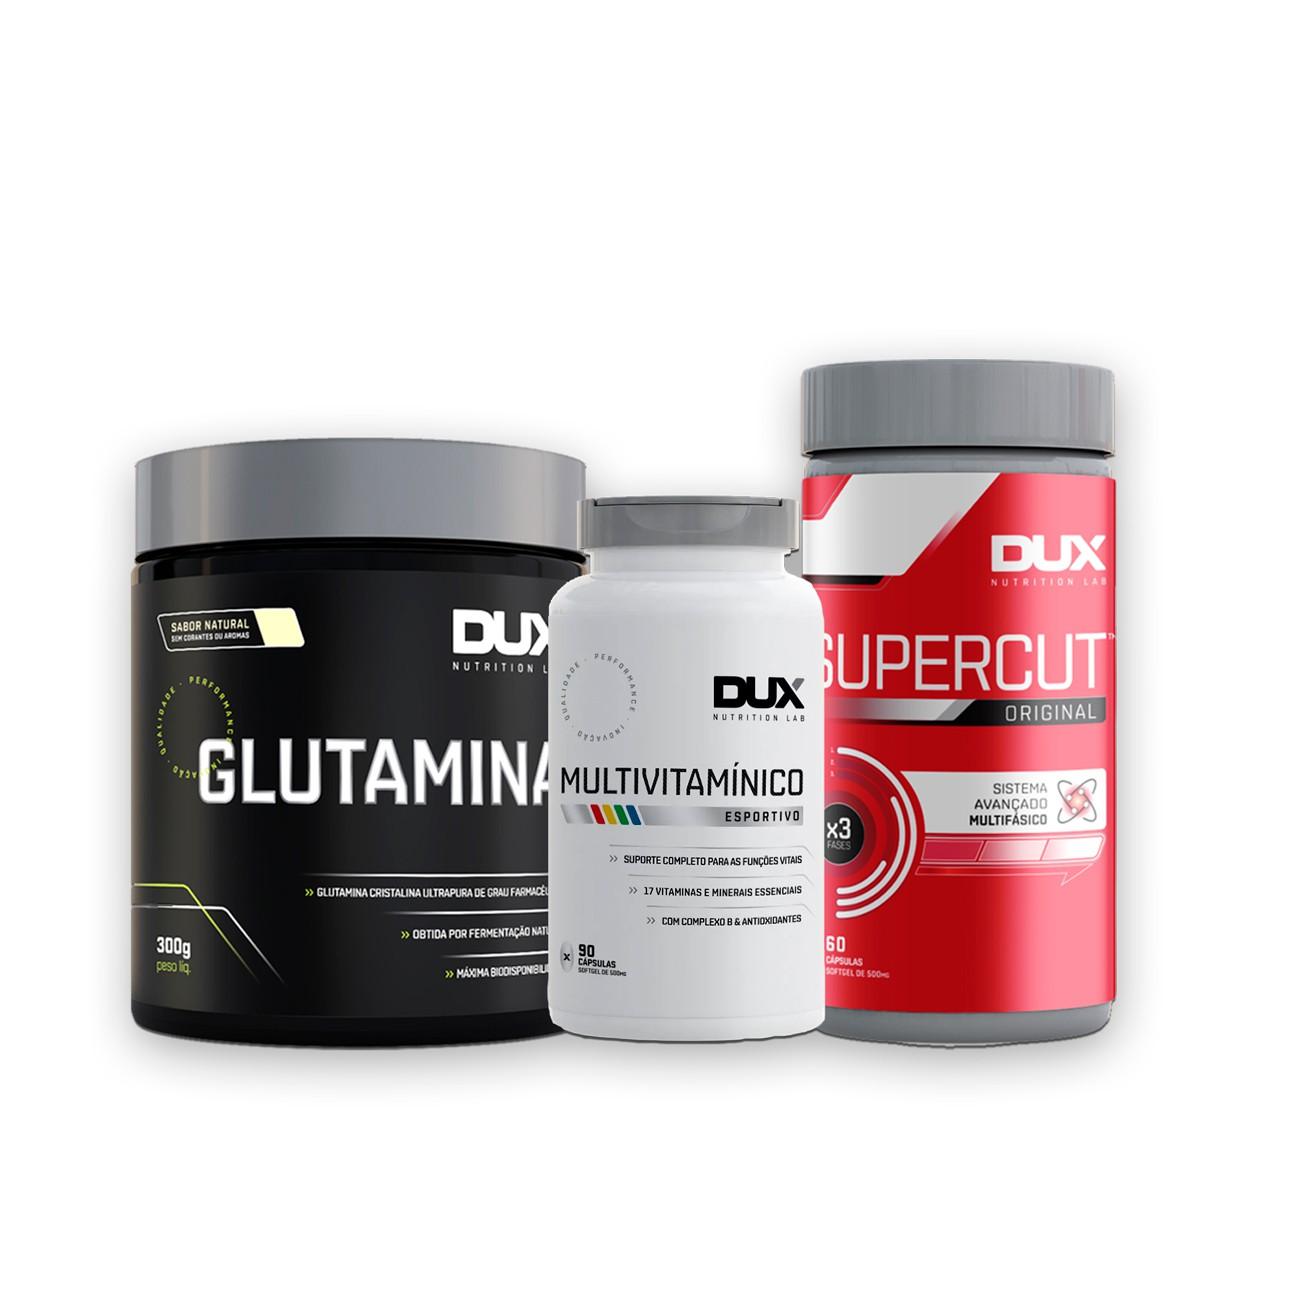 Glutamina 300g + Multivitamínico 90 caps + SuperCut 60 caps